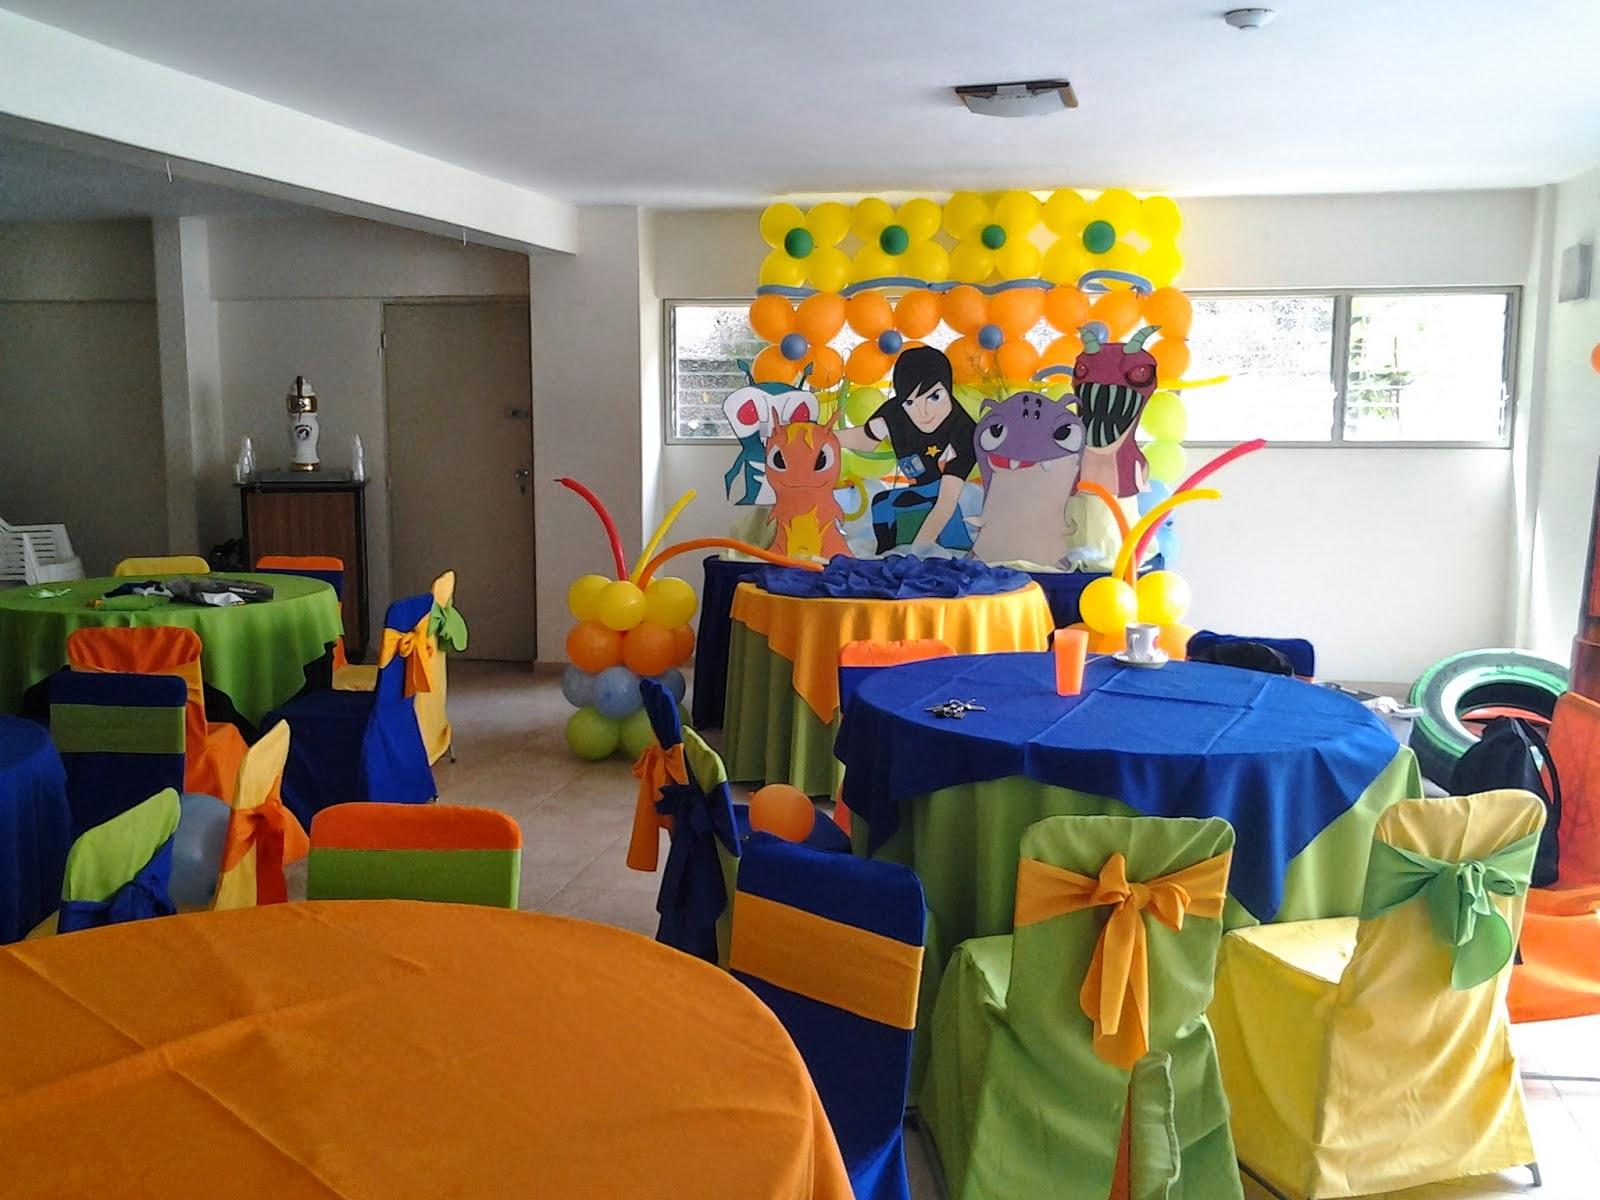 Fiestas Infantiles Decoradas con Bajoterra, parte 1